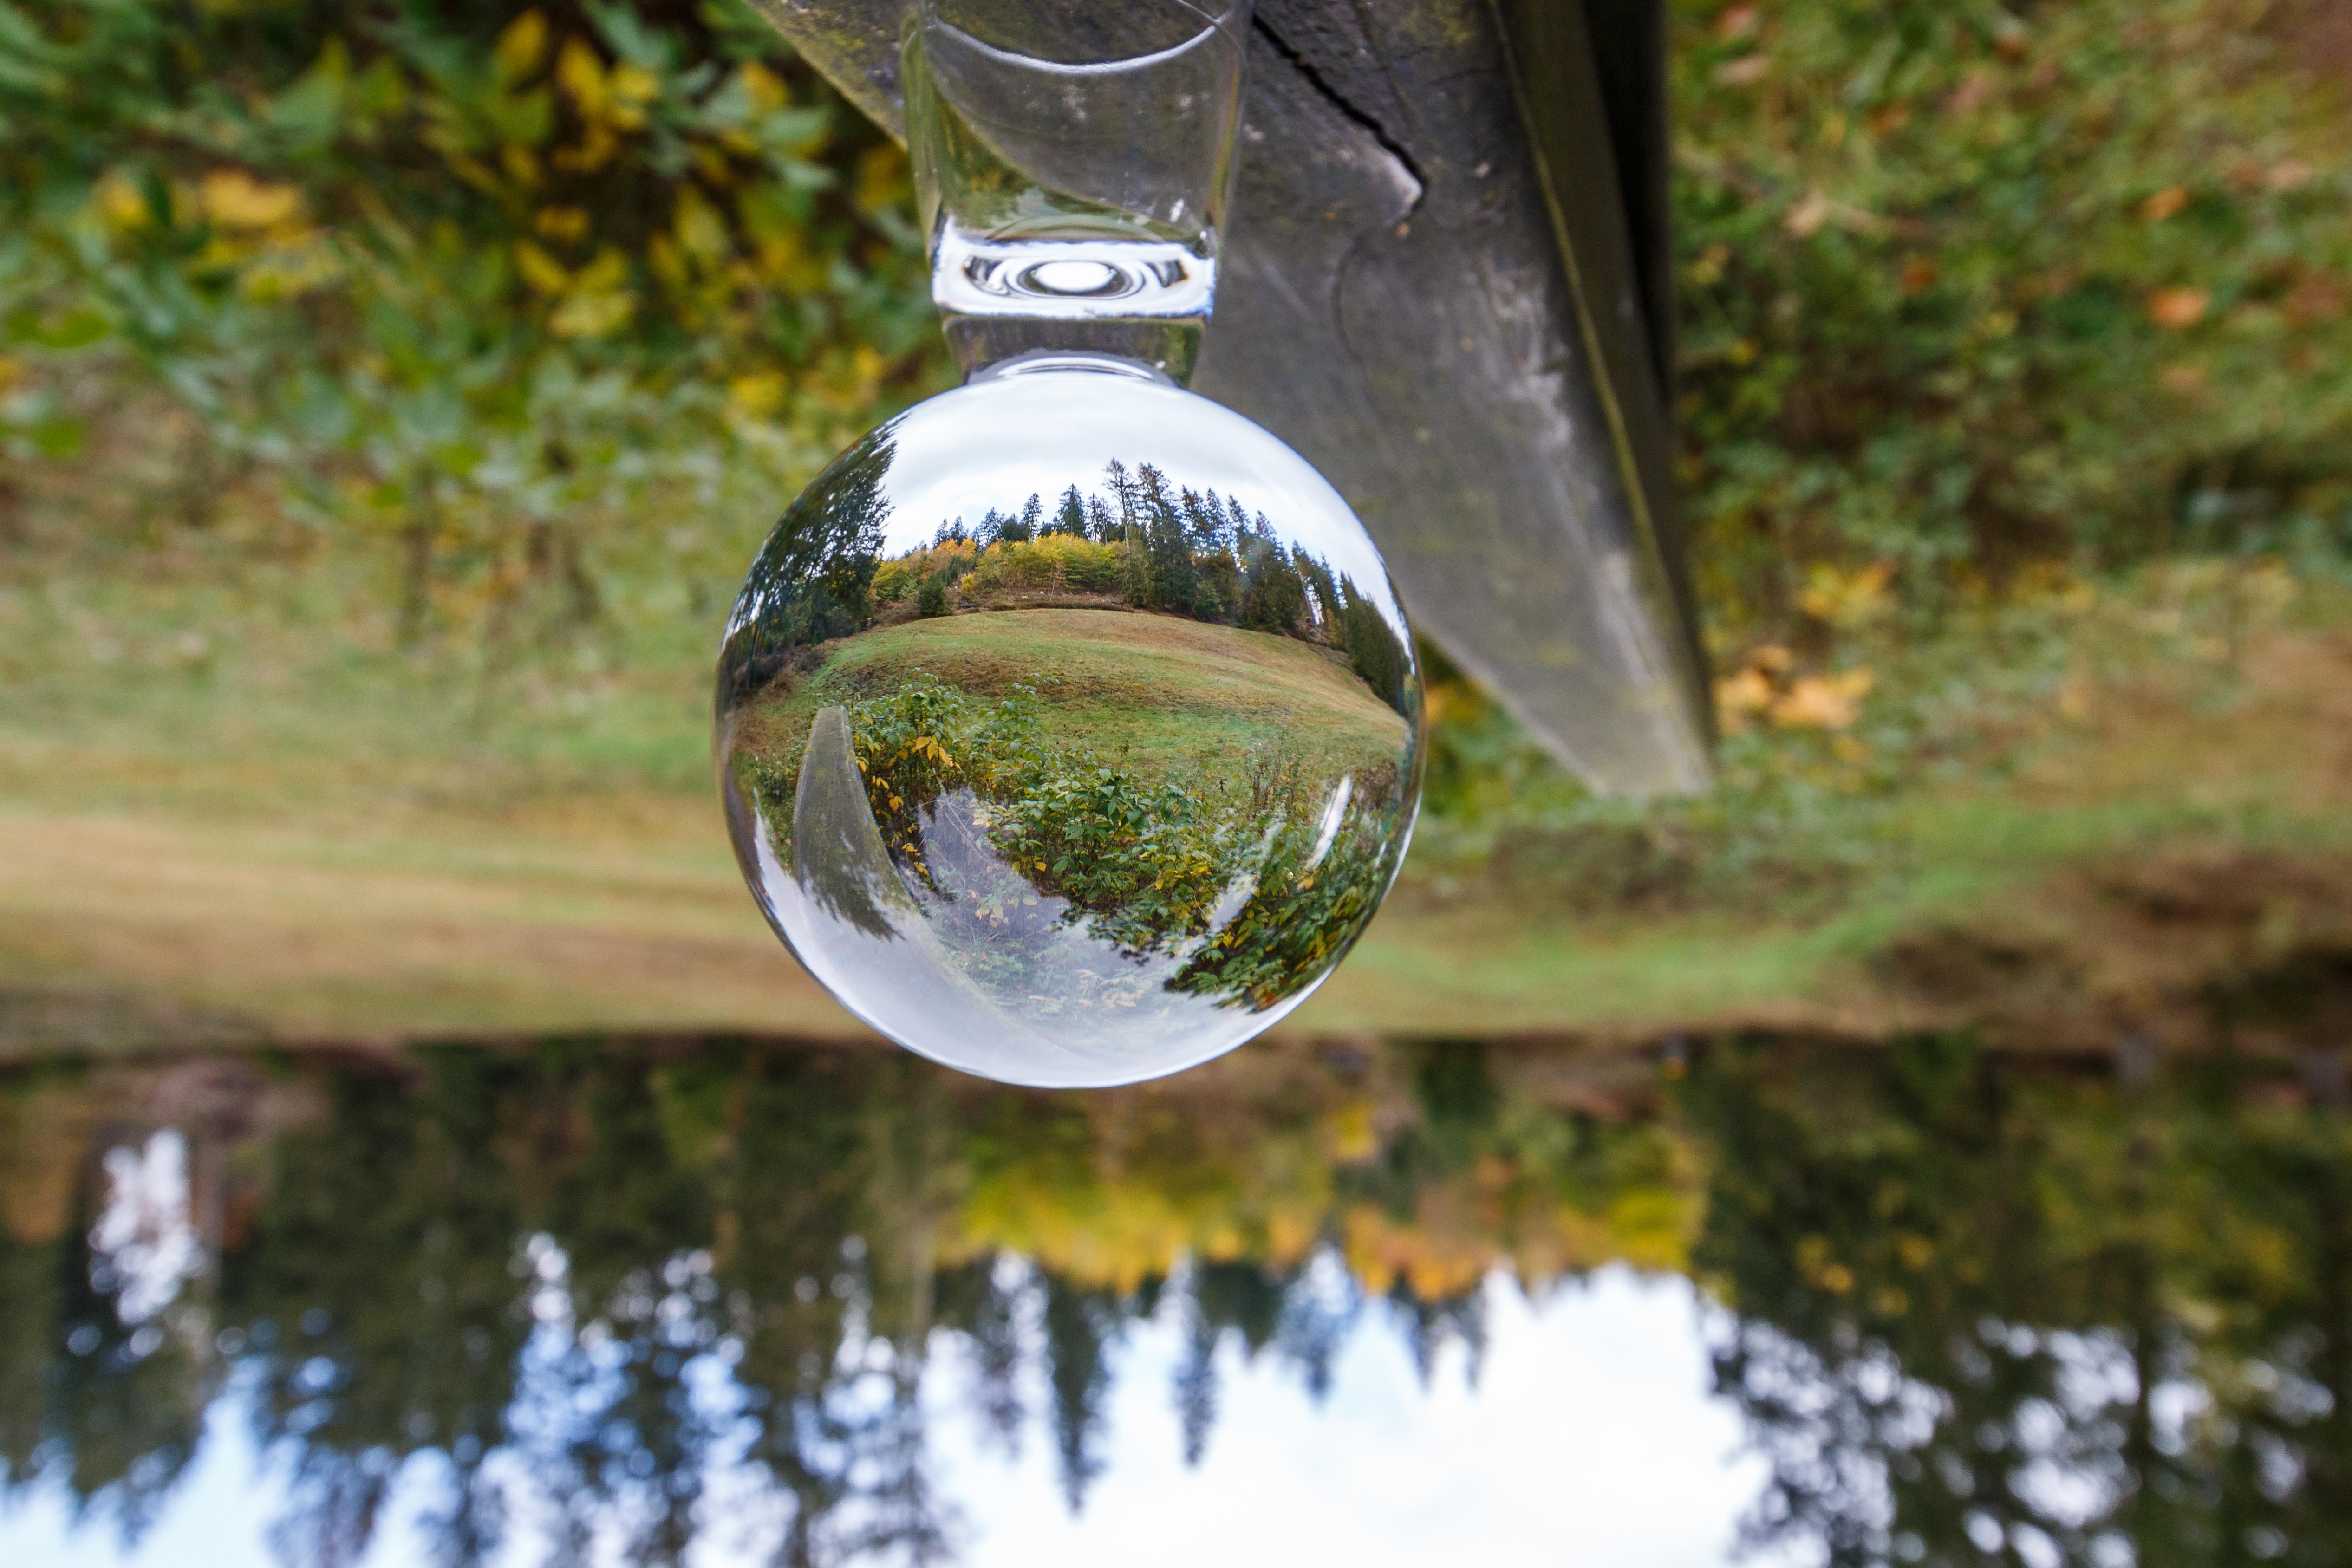 Hier ist die Reflexion in der Kugel richtig herum und die originale Landschaft steht auf dem Kopf